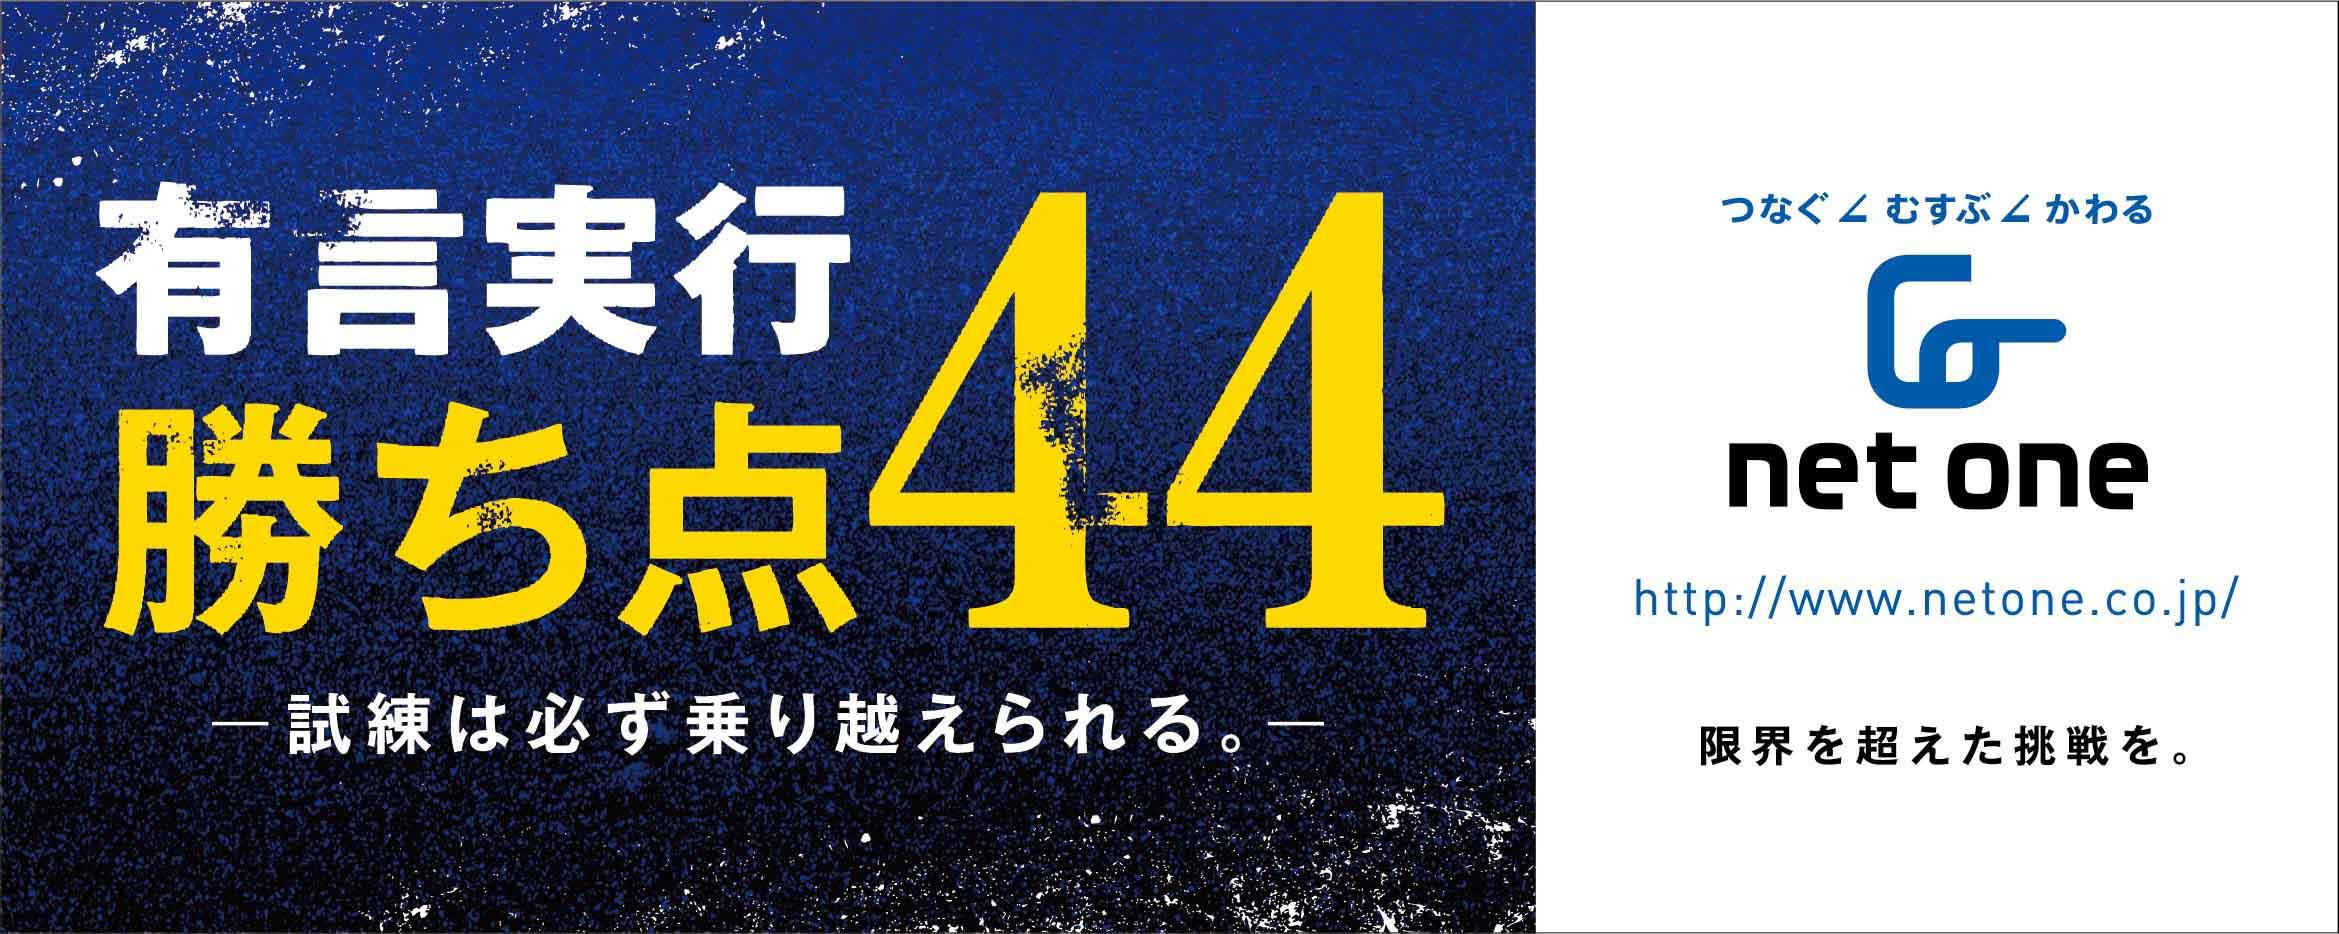 NetOne OITA TRINITA 20150915 第33節 ギラヴァンツ北九州戦 広告